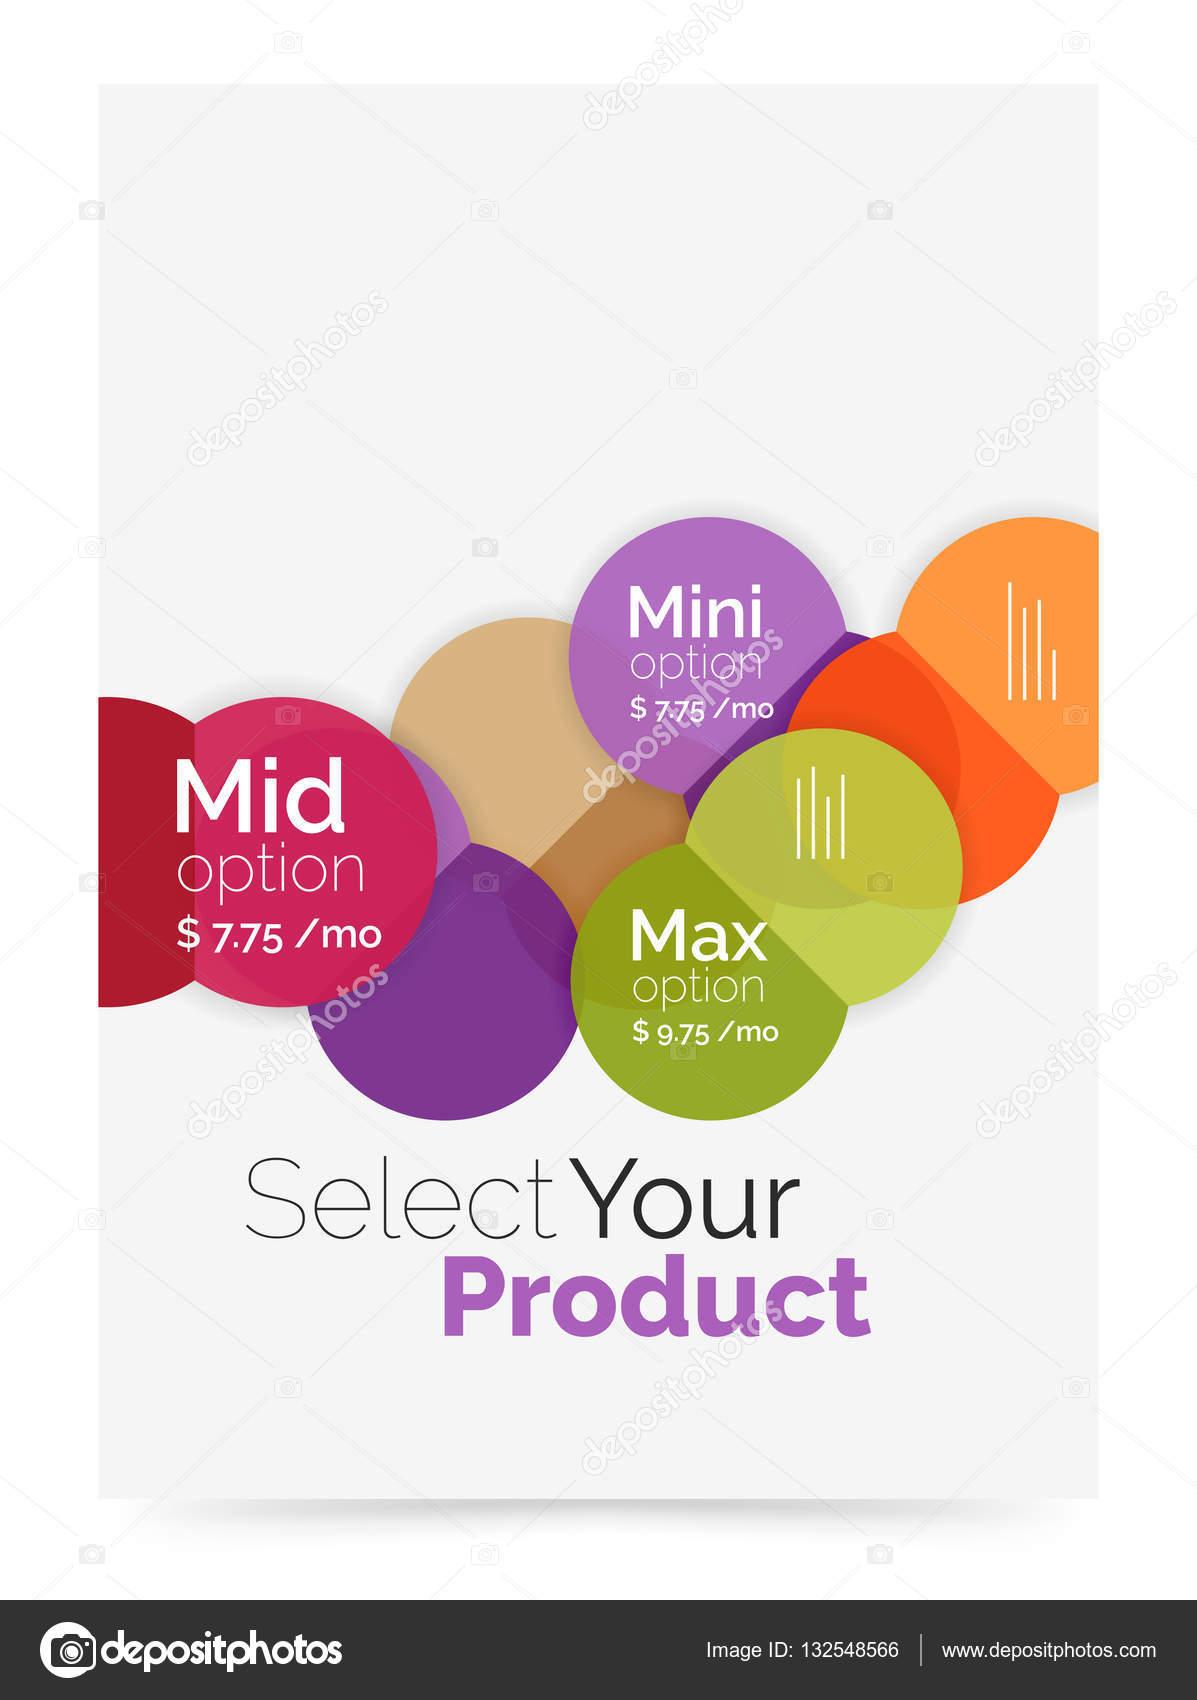 Скачать бизнес план продукты cpa сеть бизнес план